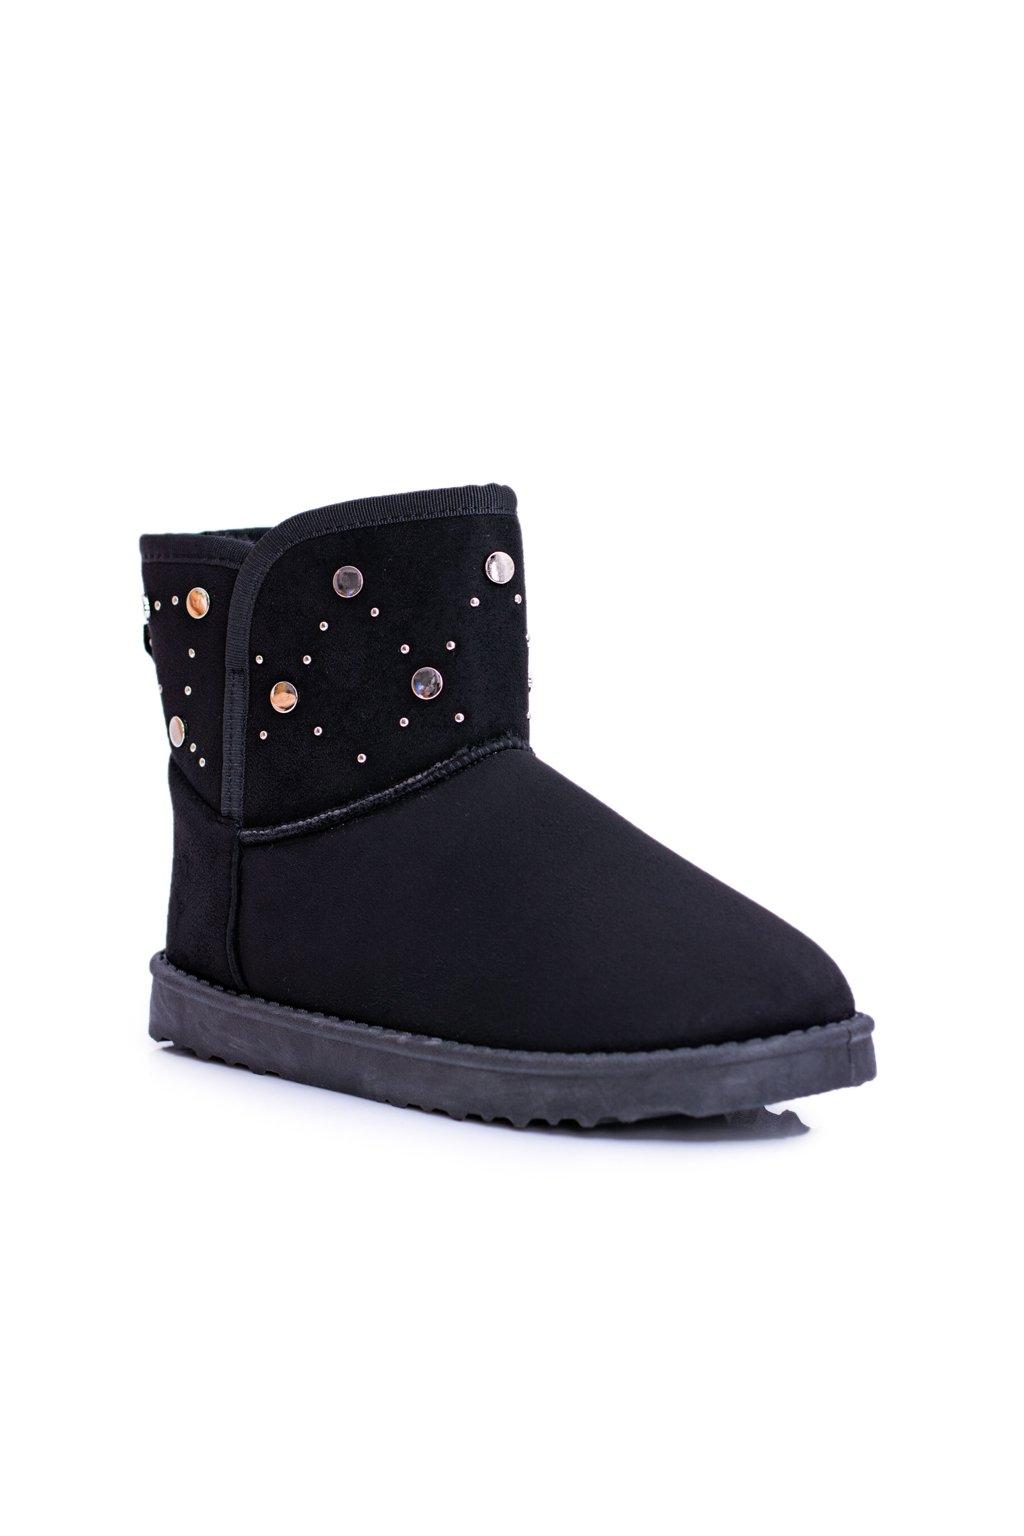 Dámske čierne teplé snehule Semišové topánky B.gy